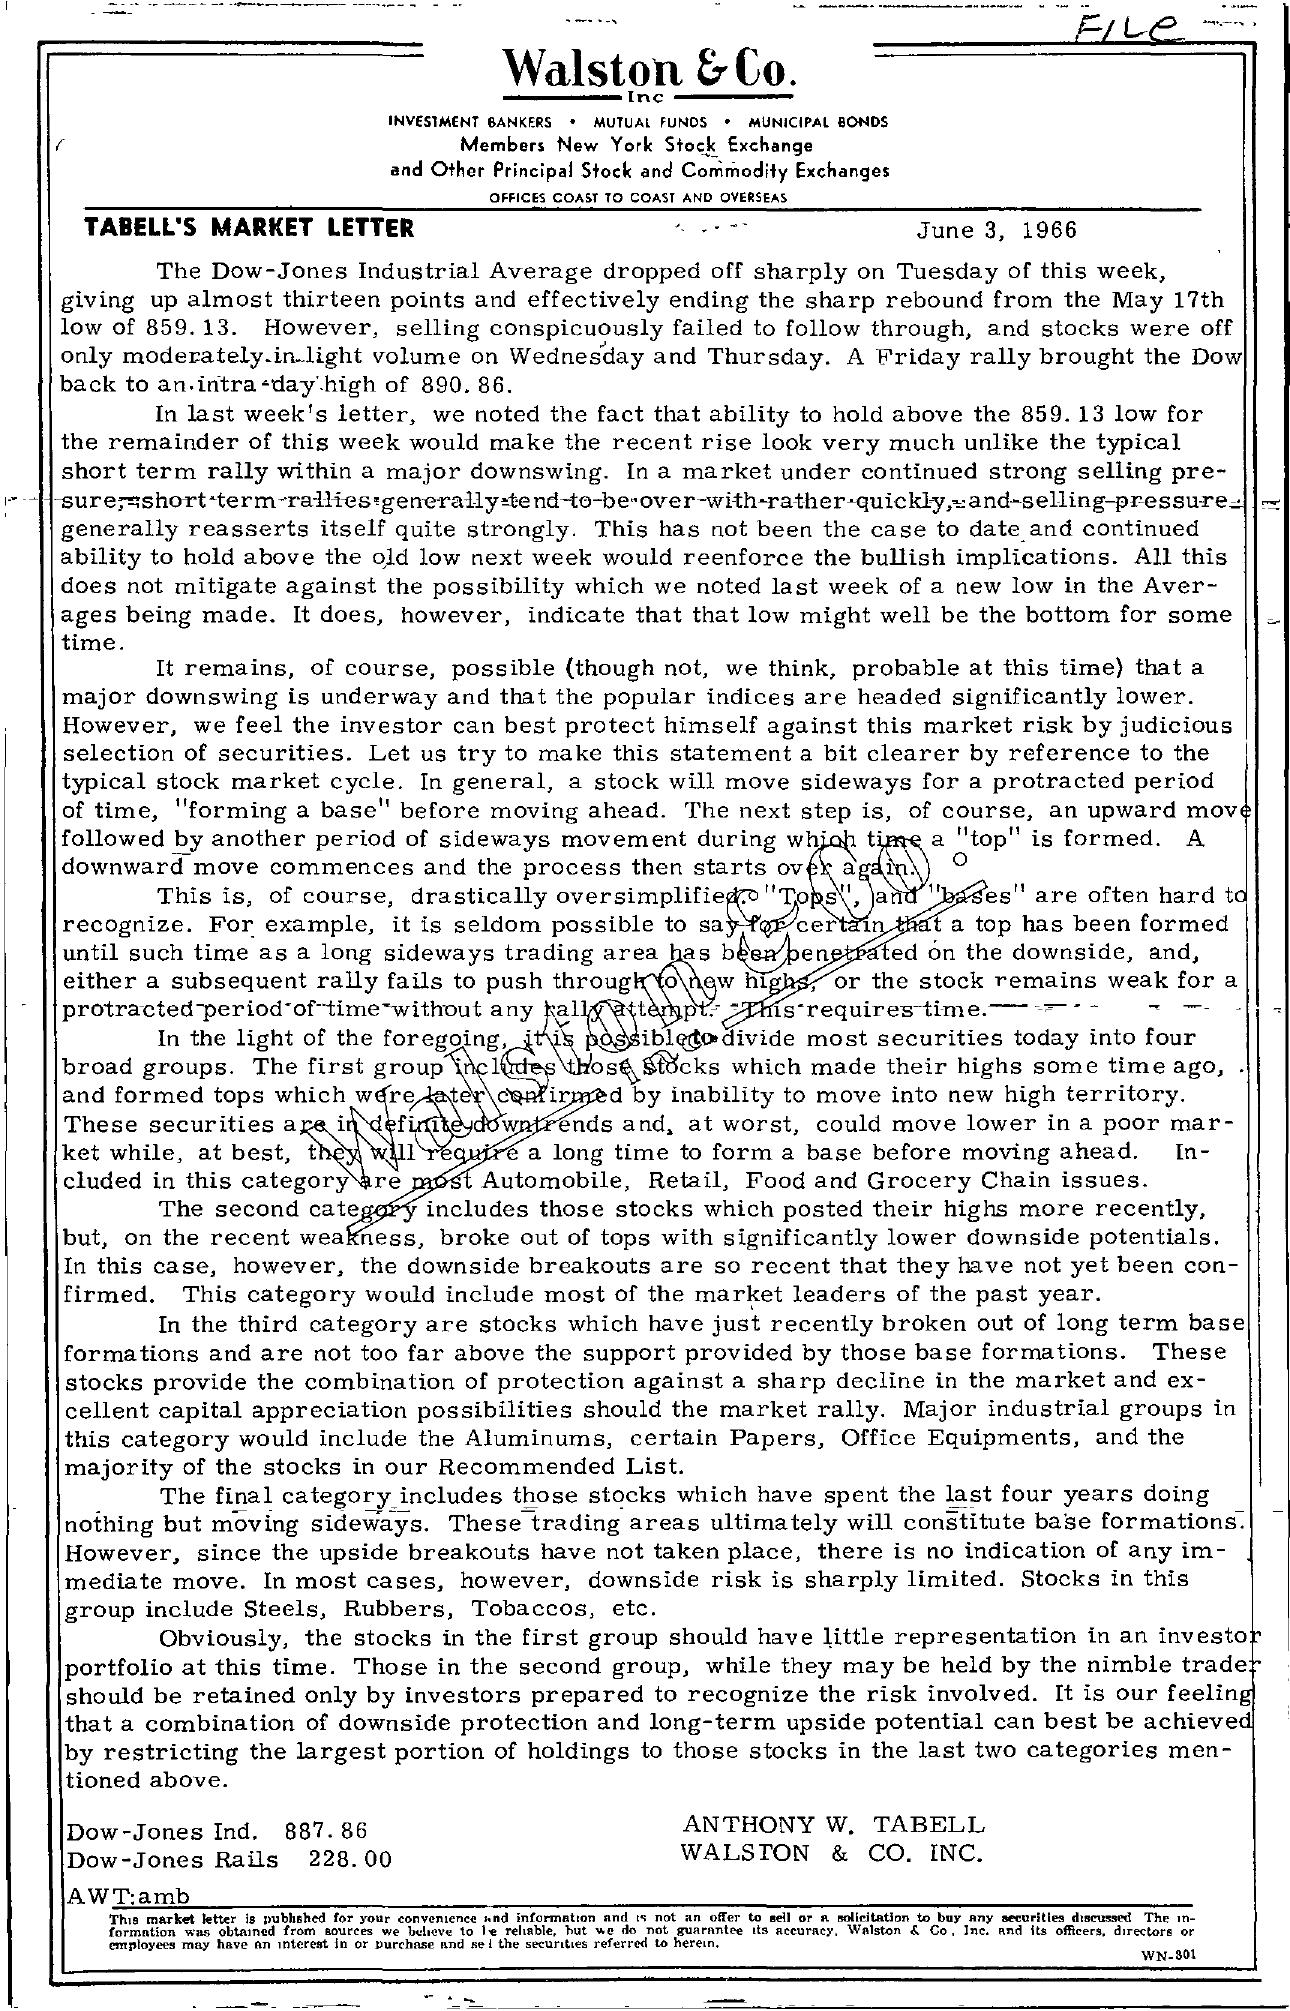 Tabell's Market Letter - June 03, 1966